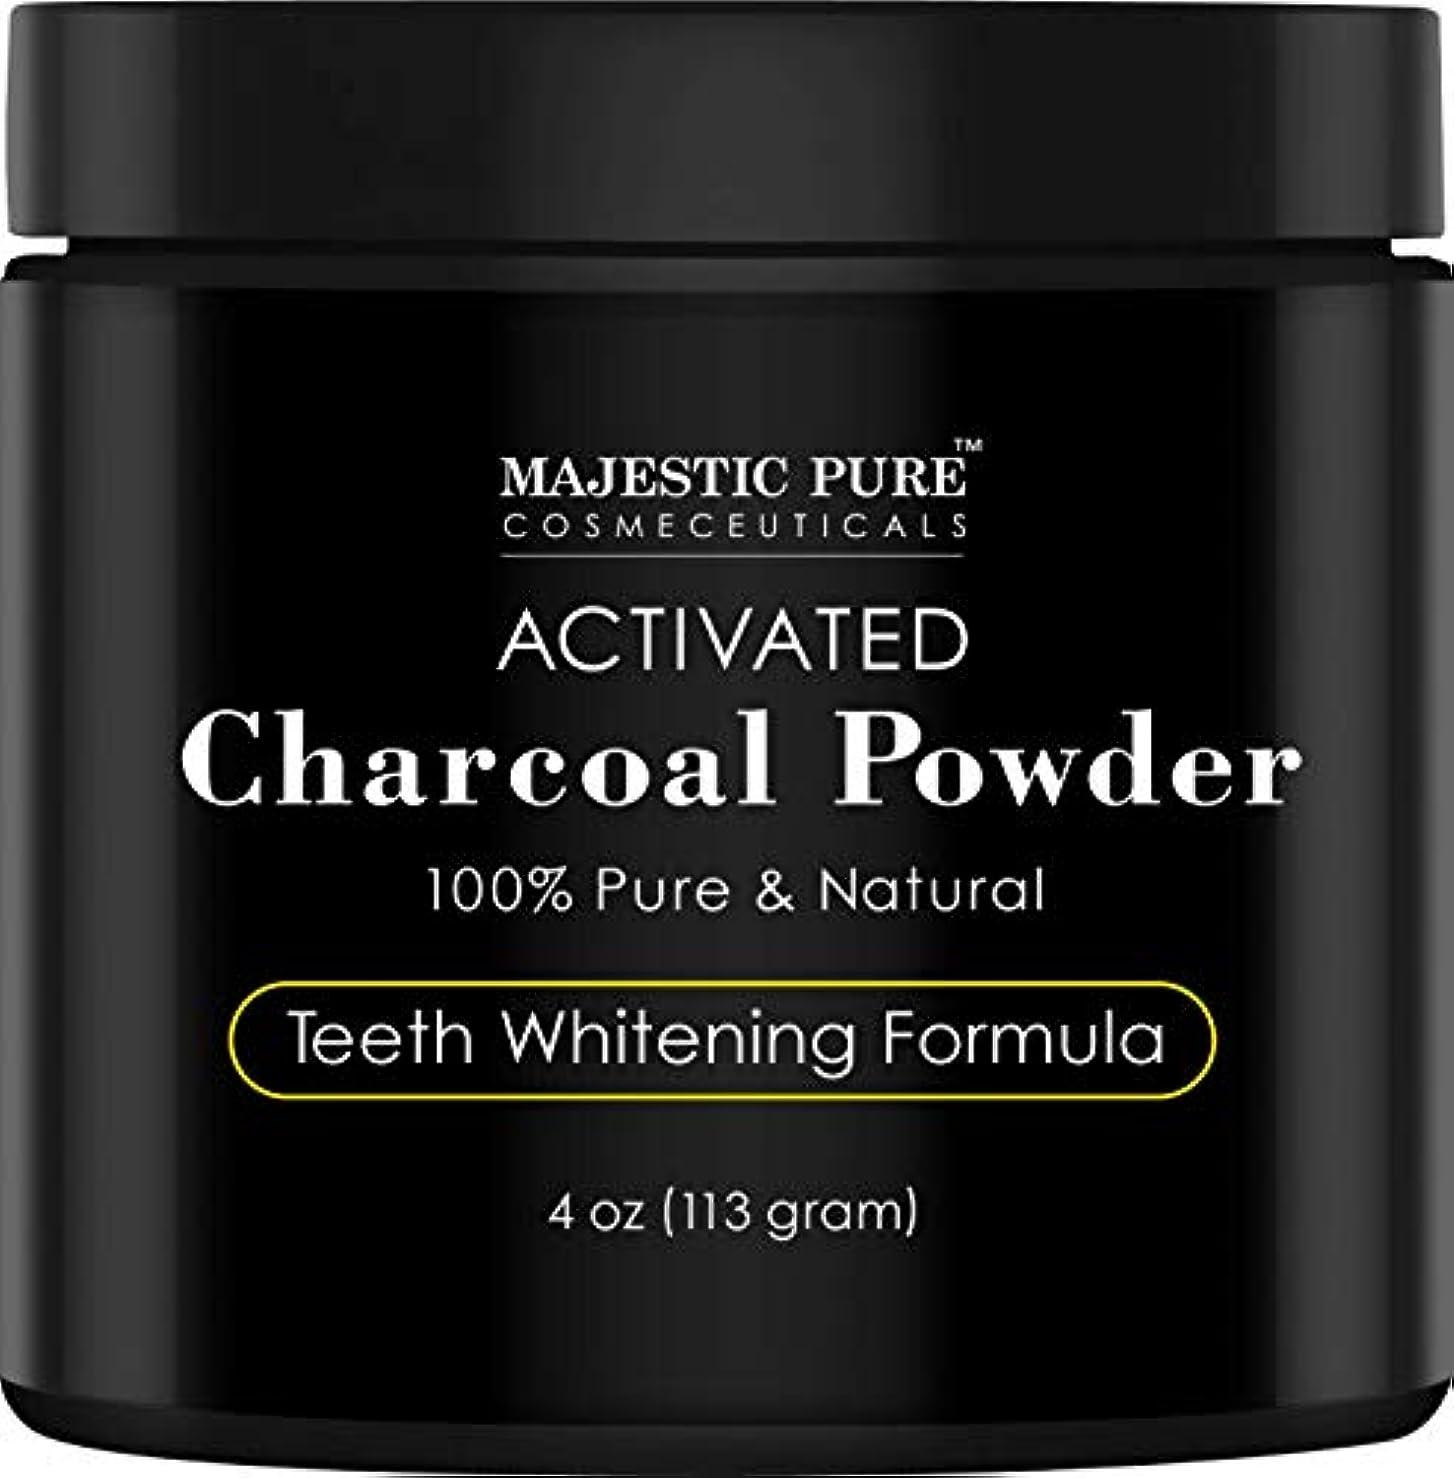 規範家畜銀行Majestic Pure Teeth Whitening Activated Charcoal Powder - Natural  歯のホワイトニング ココナッツ チャコールパウダー4 oz (113g)